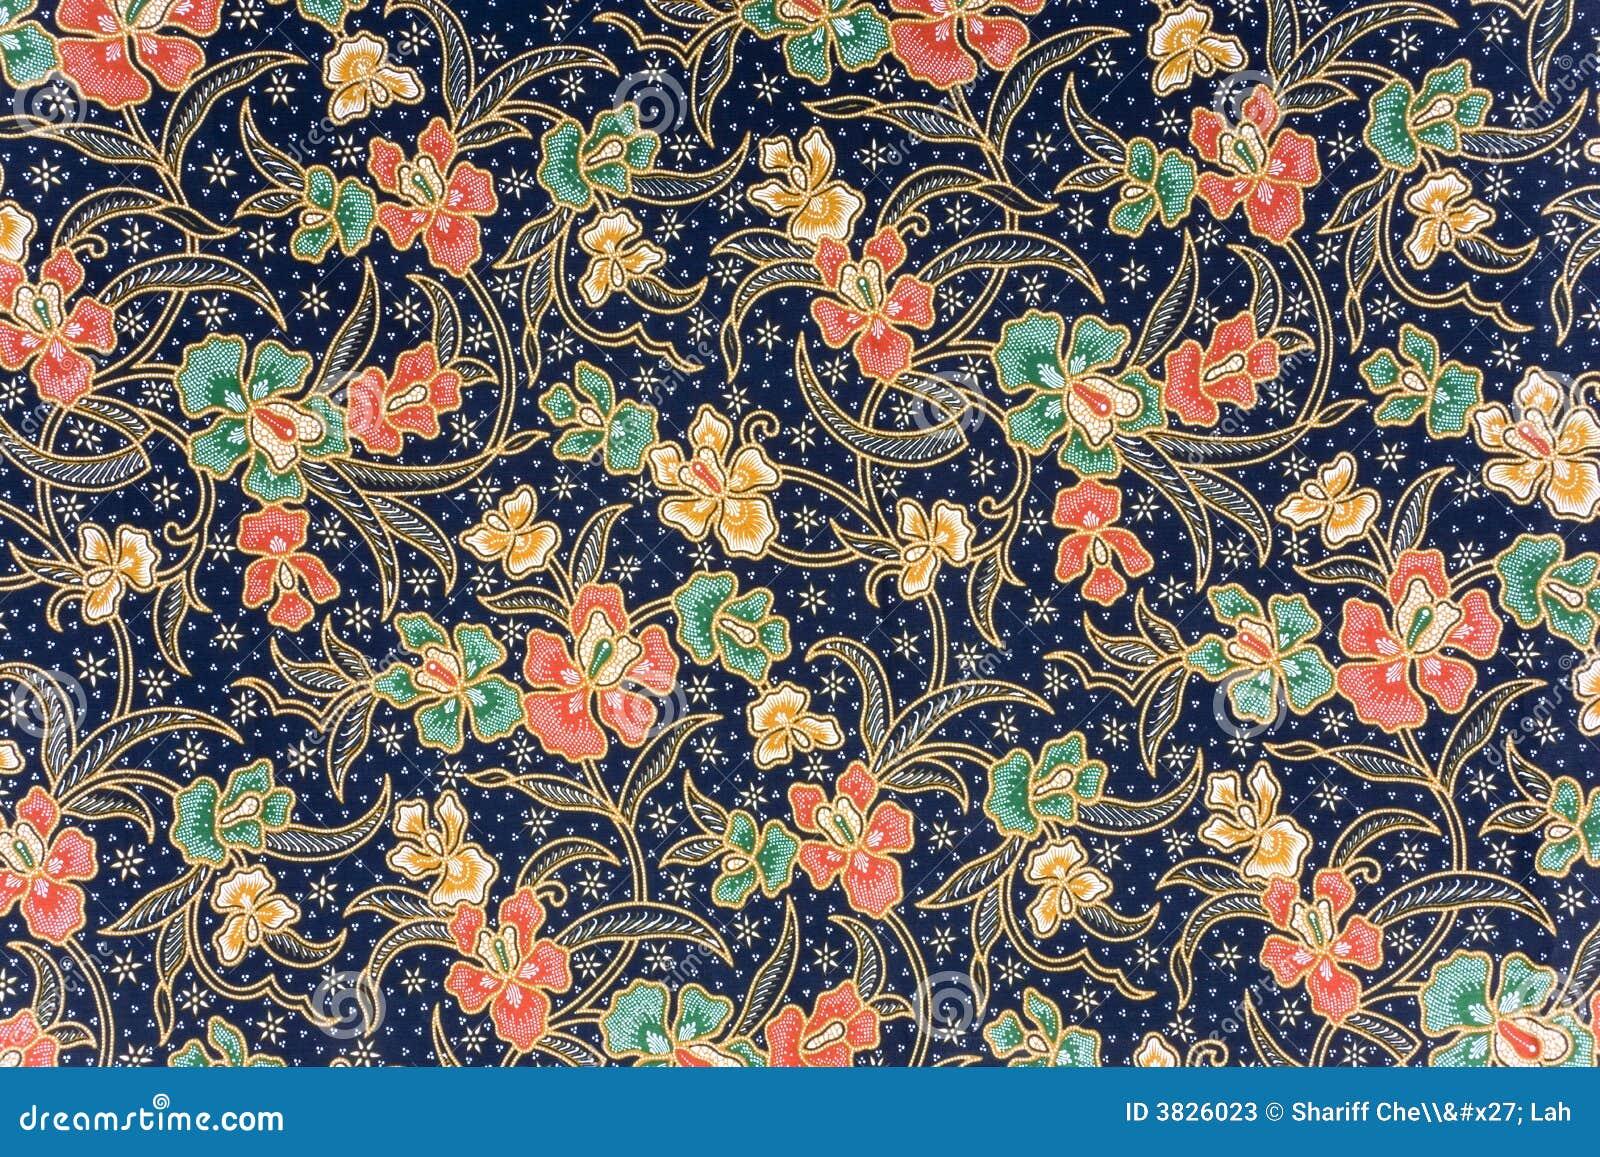 Indonesian Batik Sarong Stock Photos - Image: 3826023